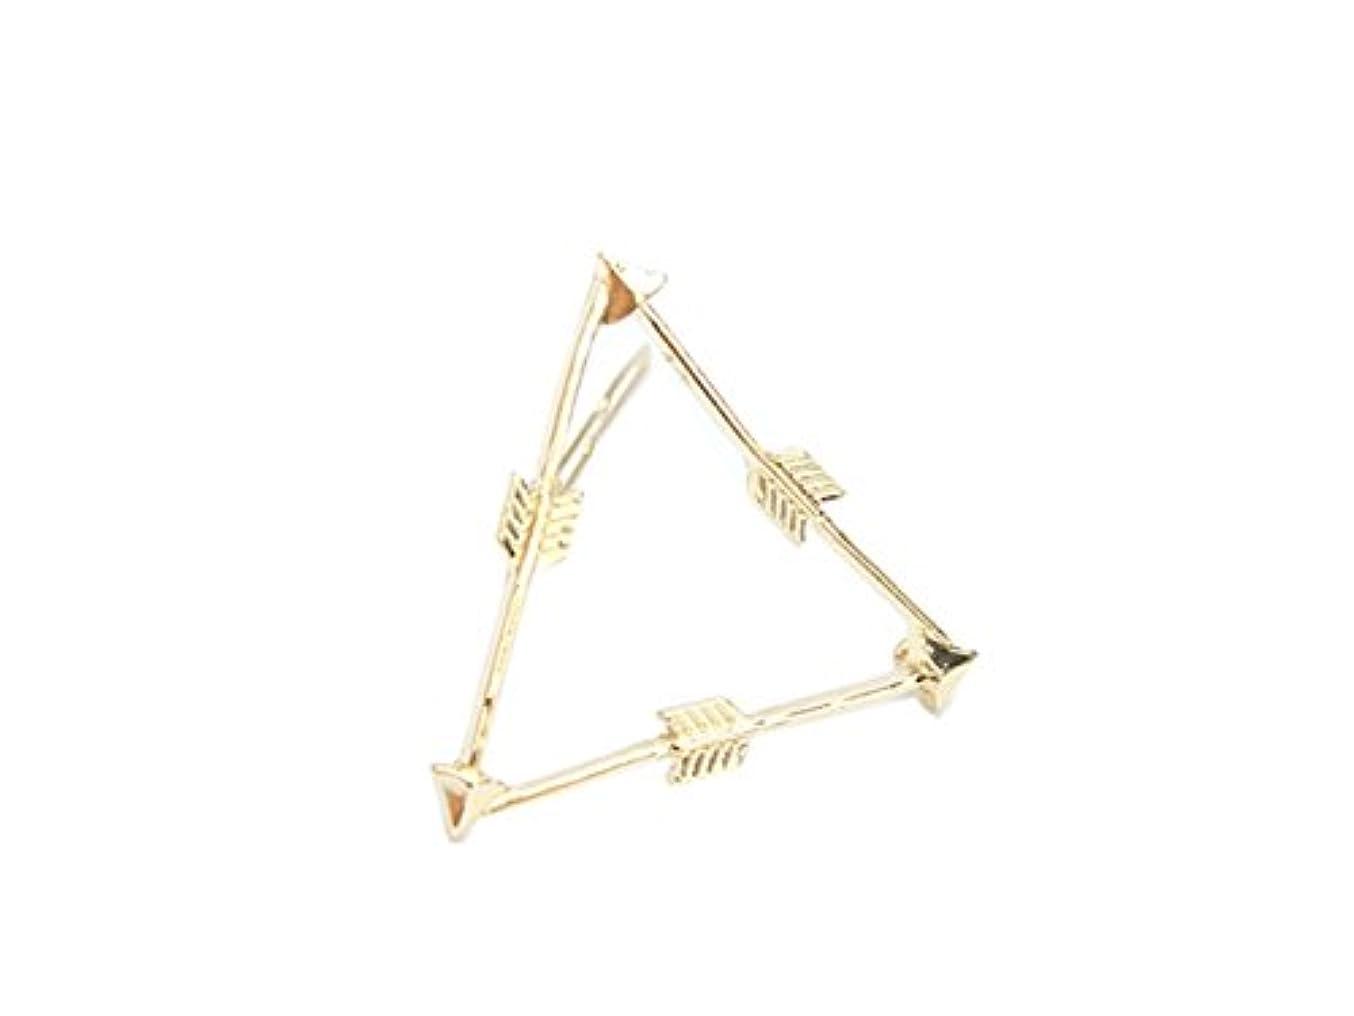 グラス法廷シンプルさOsize 美しいスタイル 弓と矢トライアングルヘアクリップサイドクリップヘアピンヘアアクセサリー(図示)